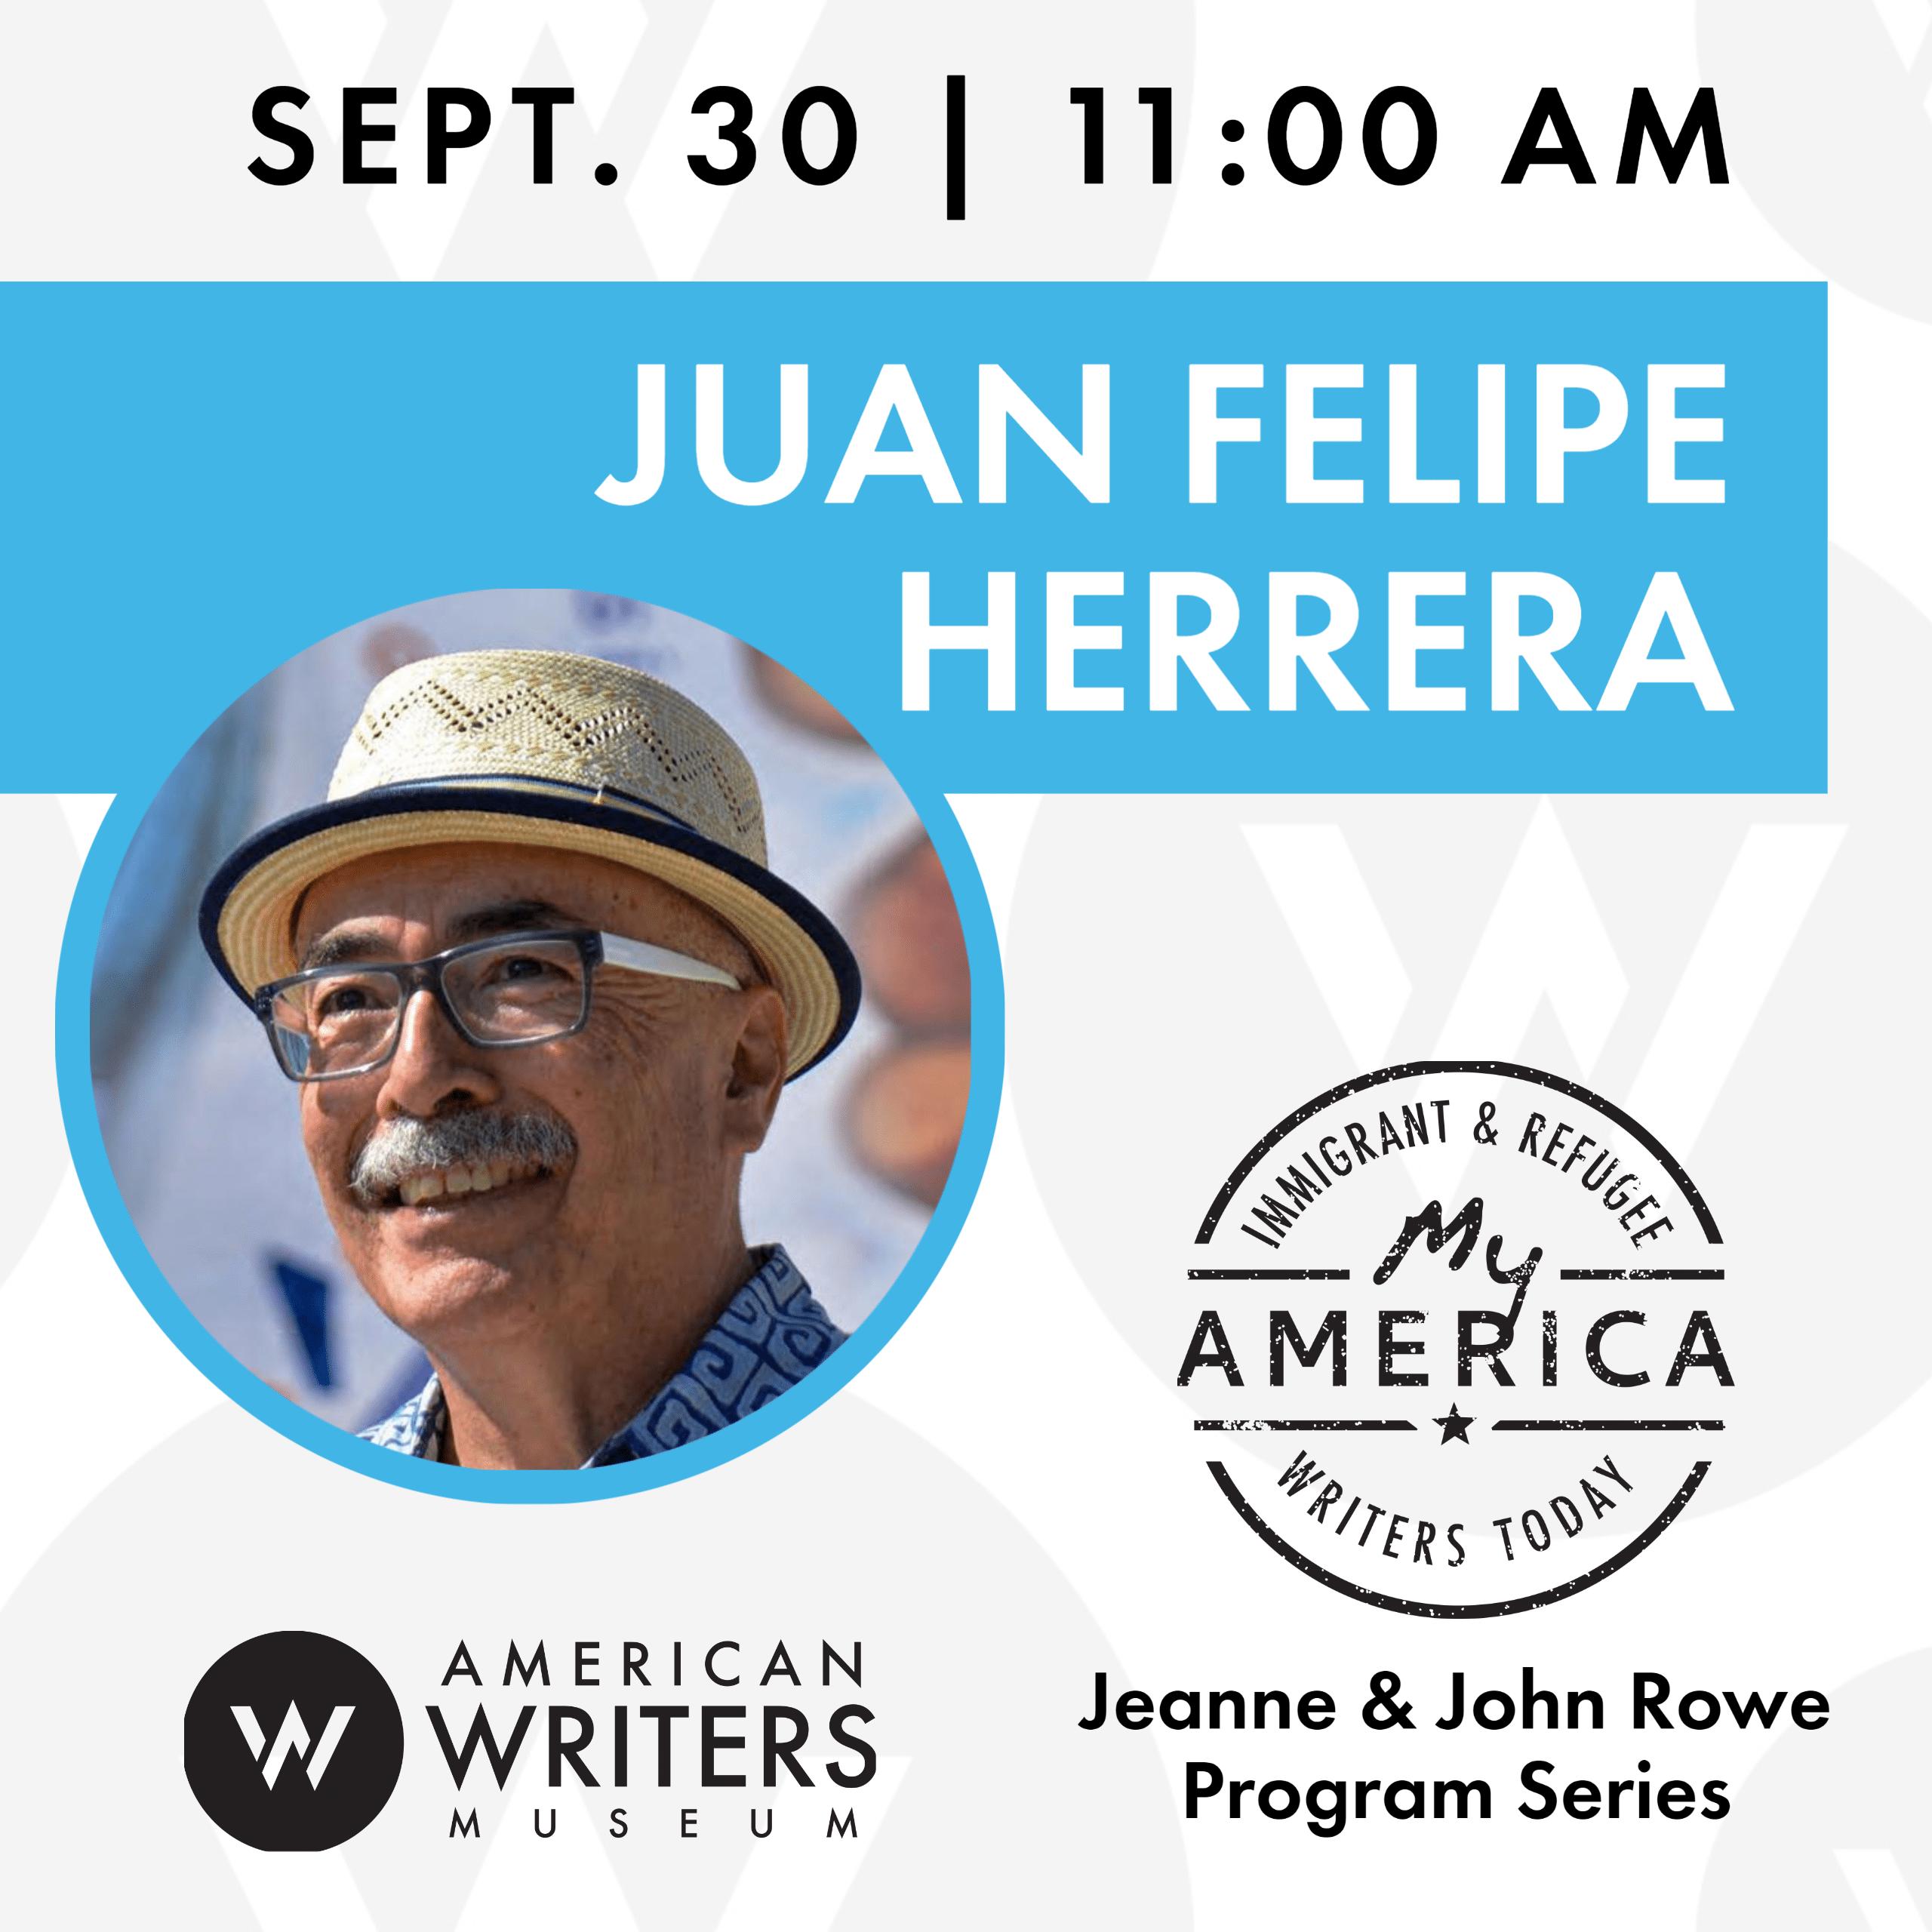 American Writers Museum presents a conversation with former US Poet Laureate Juan Felipe Herrera on September 30 at 11:00 am